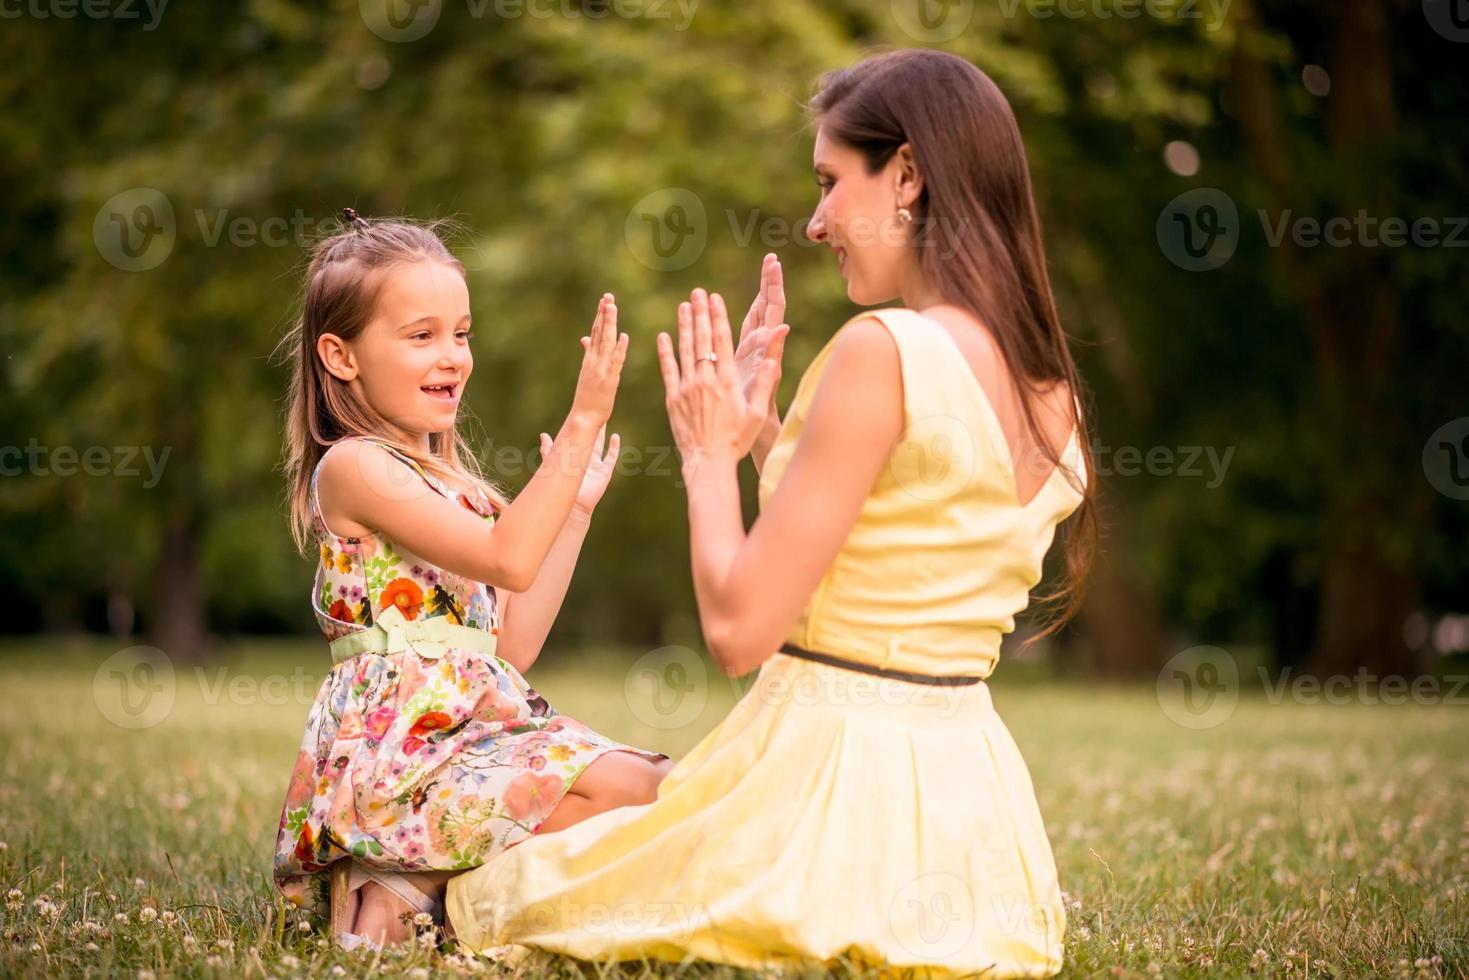 madre e figlio giocano insieme foto